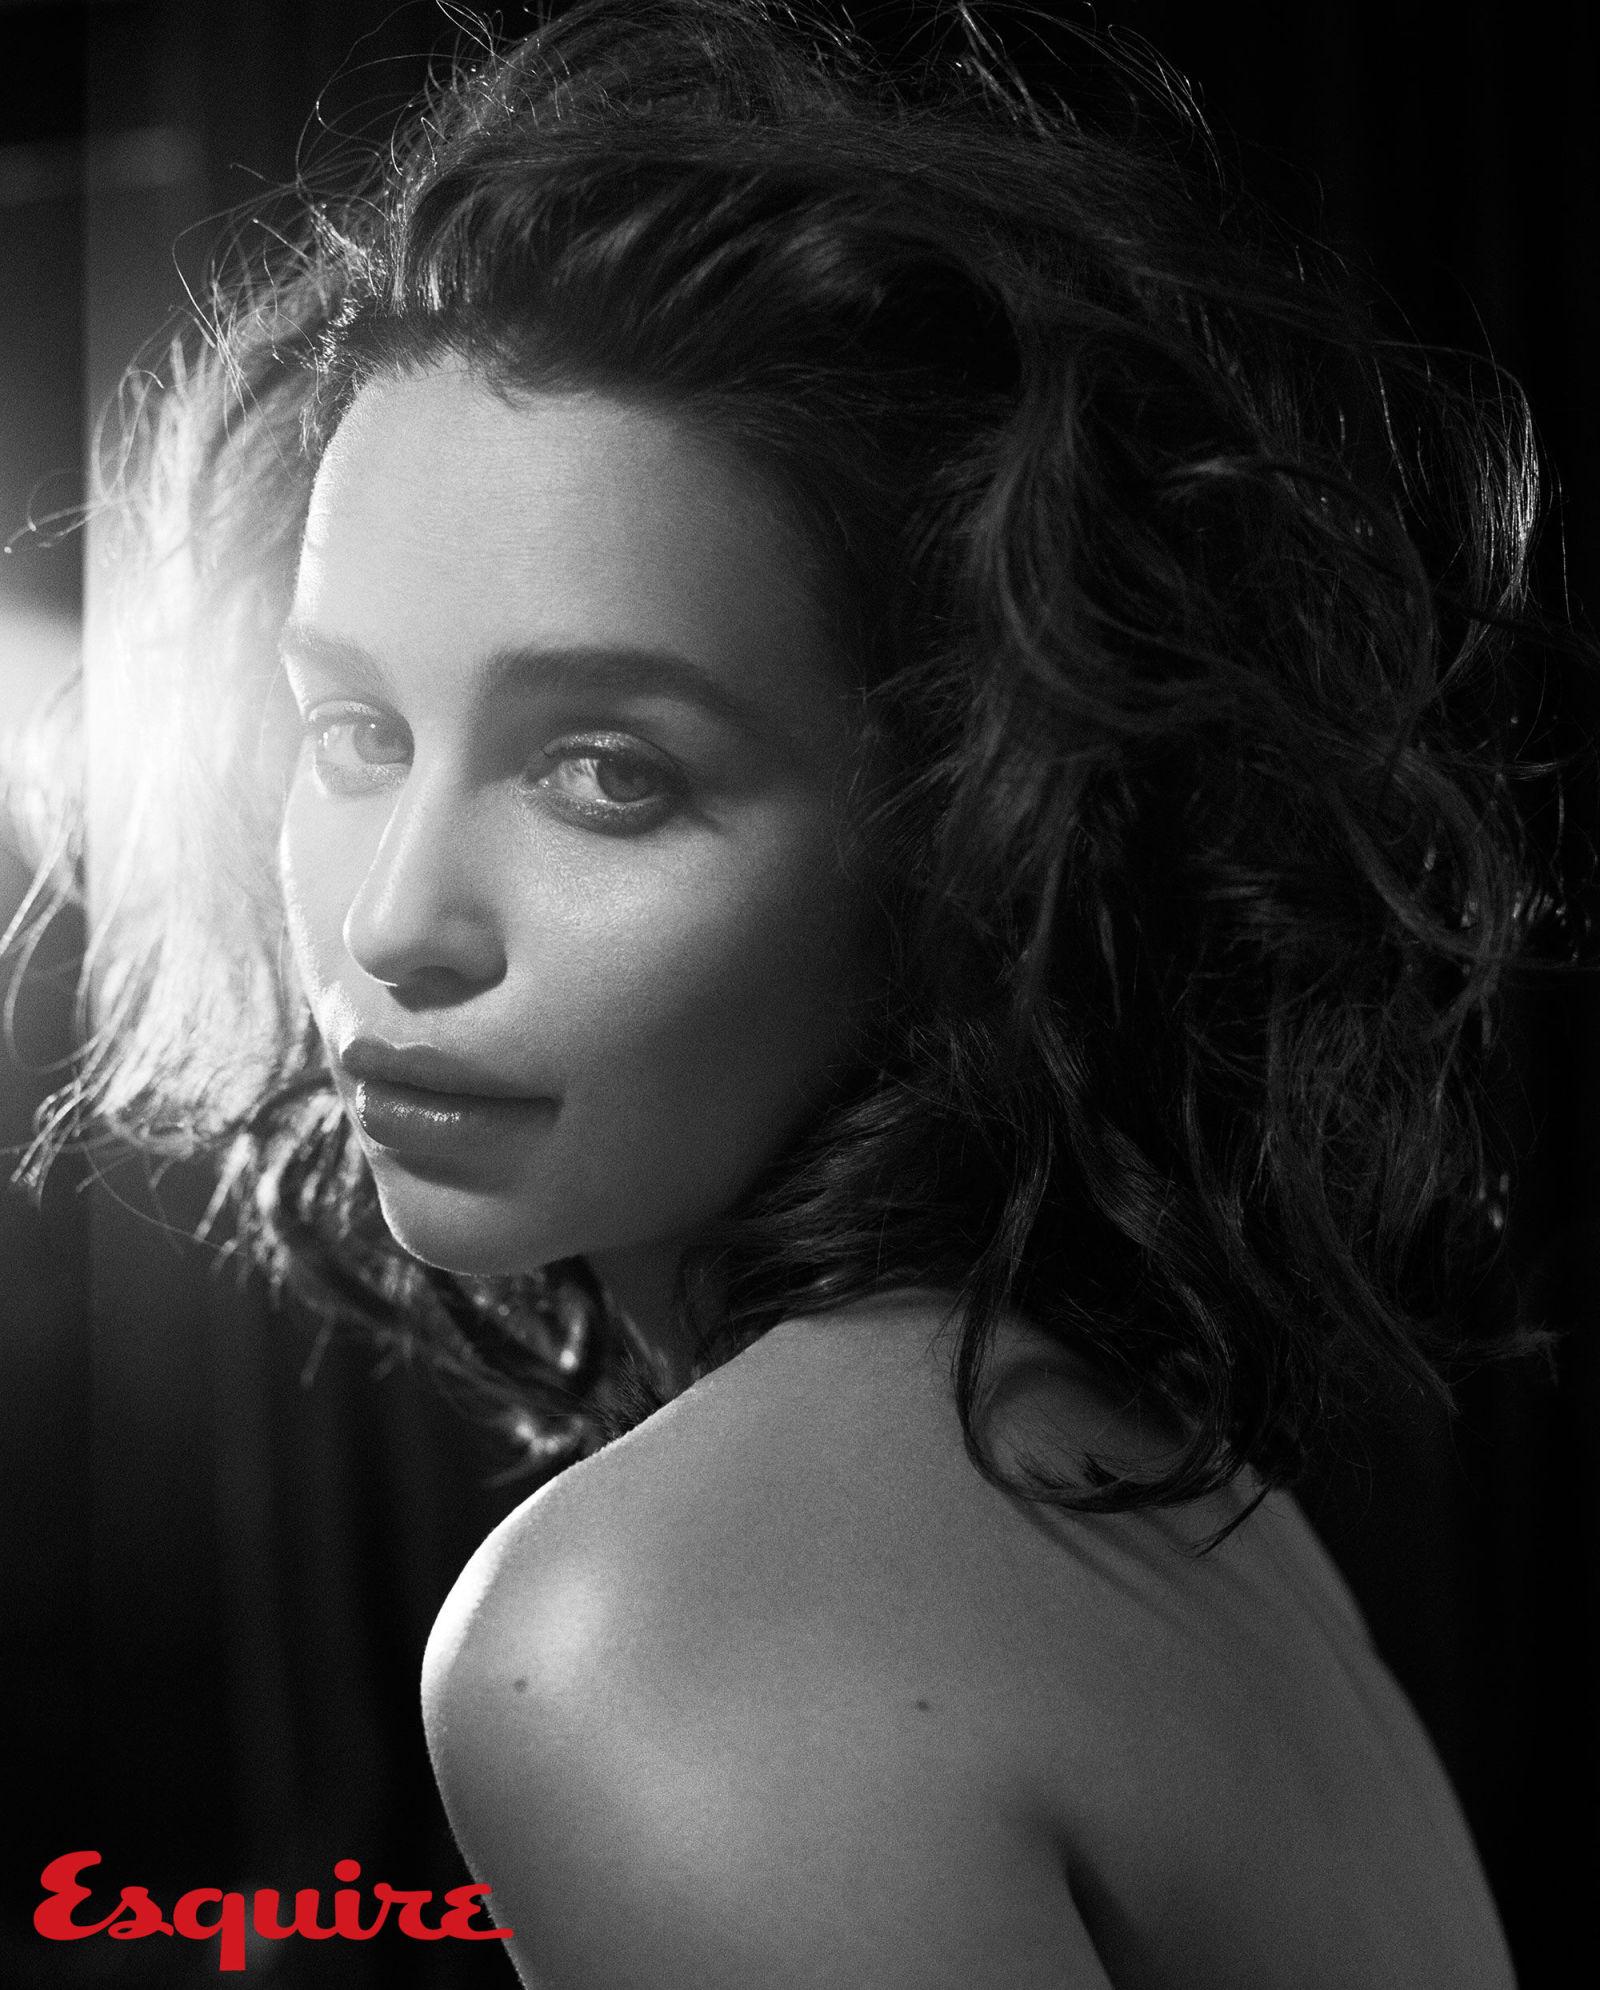 gallery-1444418557-emilia-clarke-sexiest-woman-alive-2015-4484-08.jpg